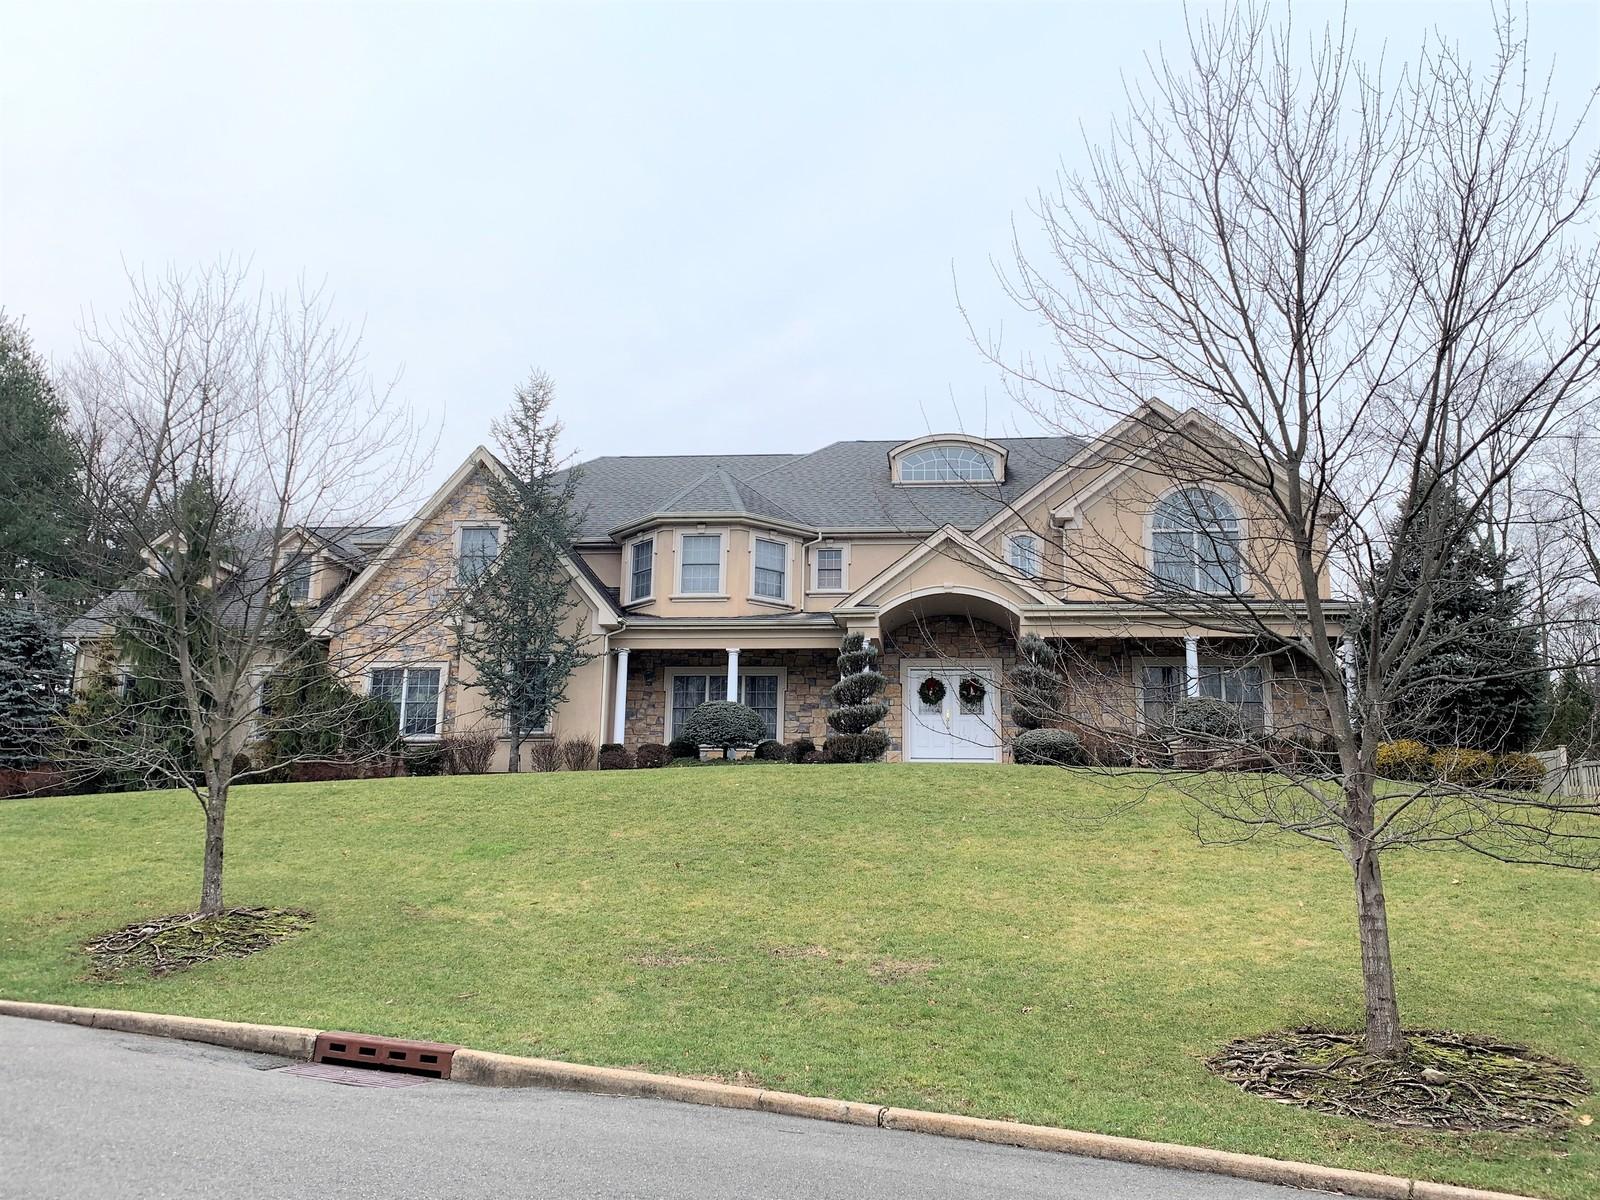 Major Home Remodel Remodeling Contractors In Dumont Nj 07628 Bergen County Bergen My Listings